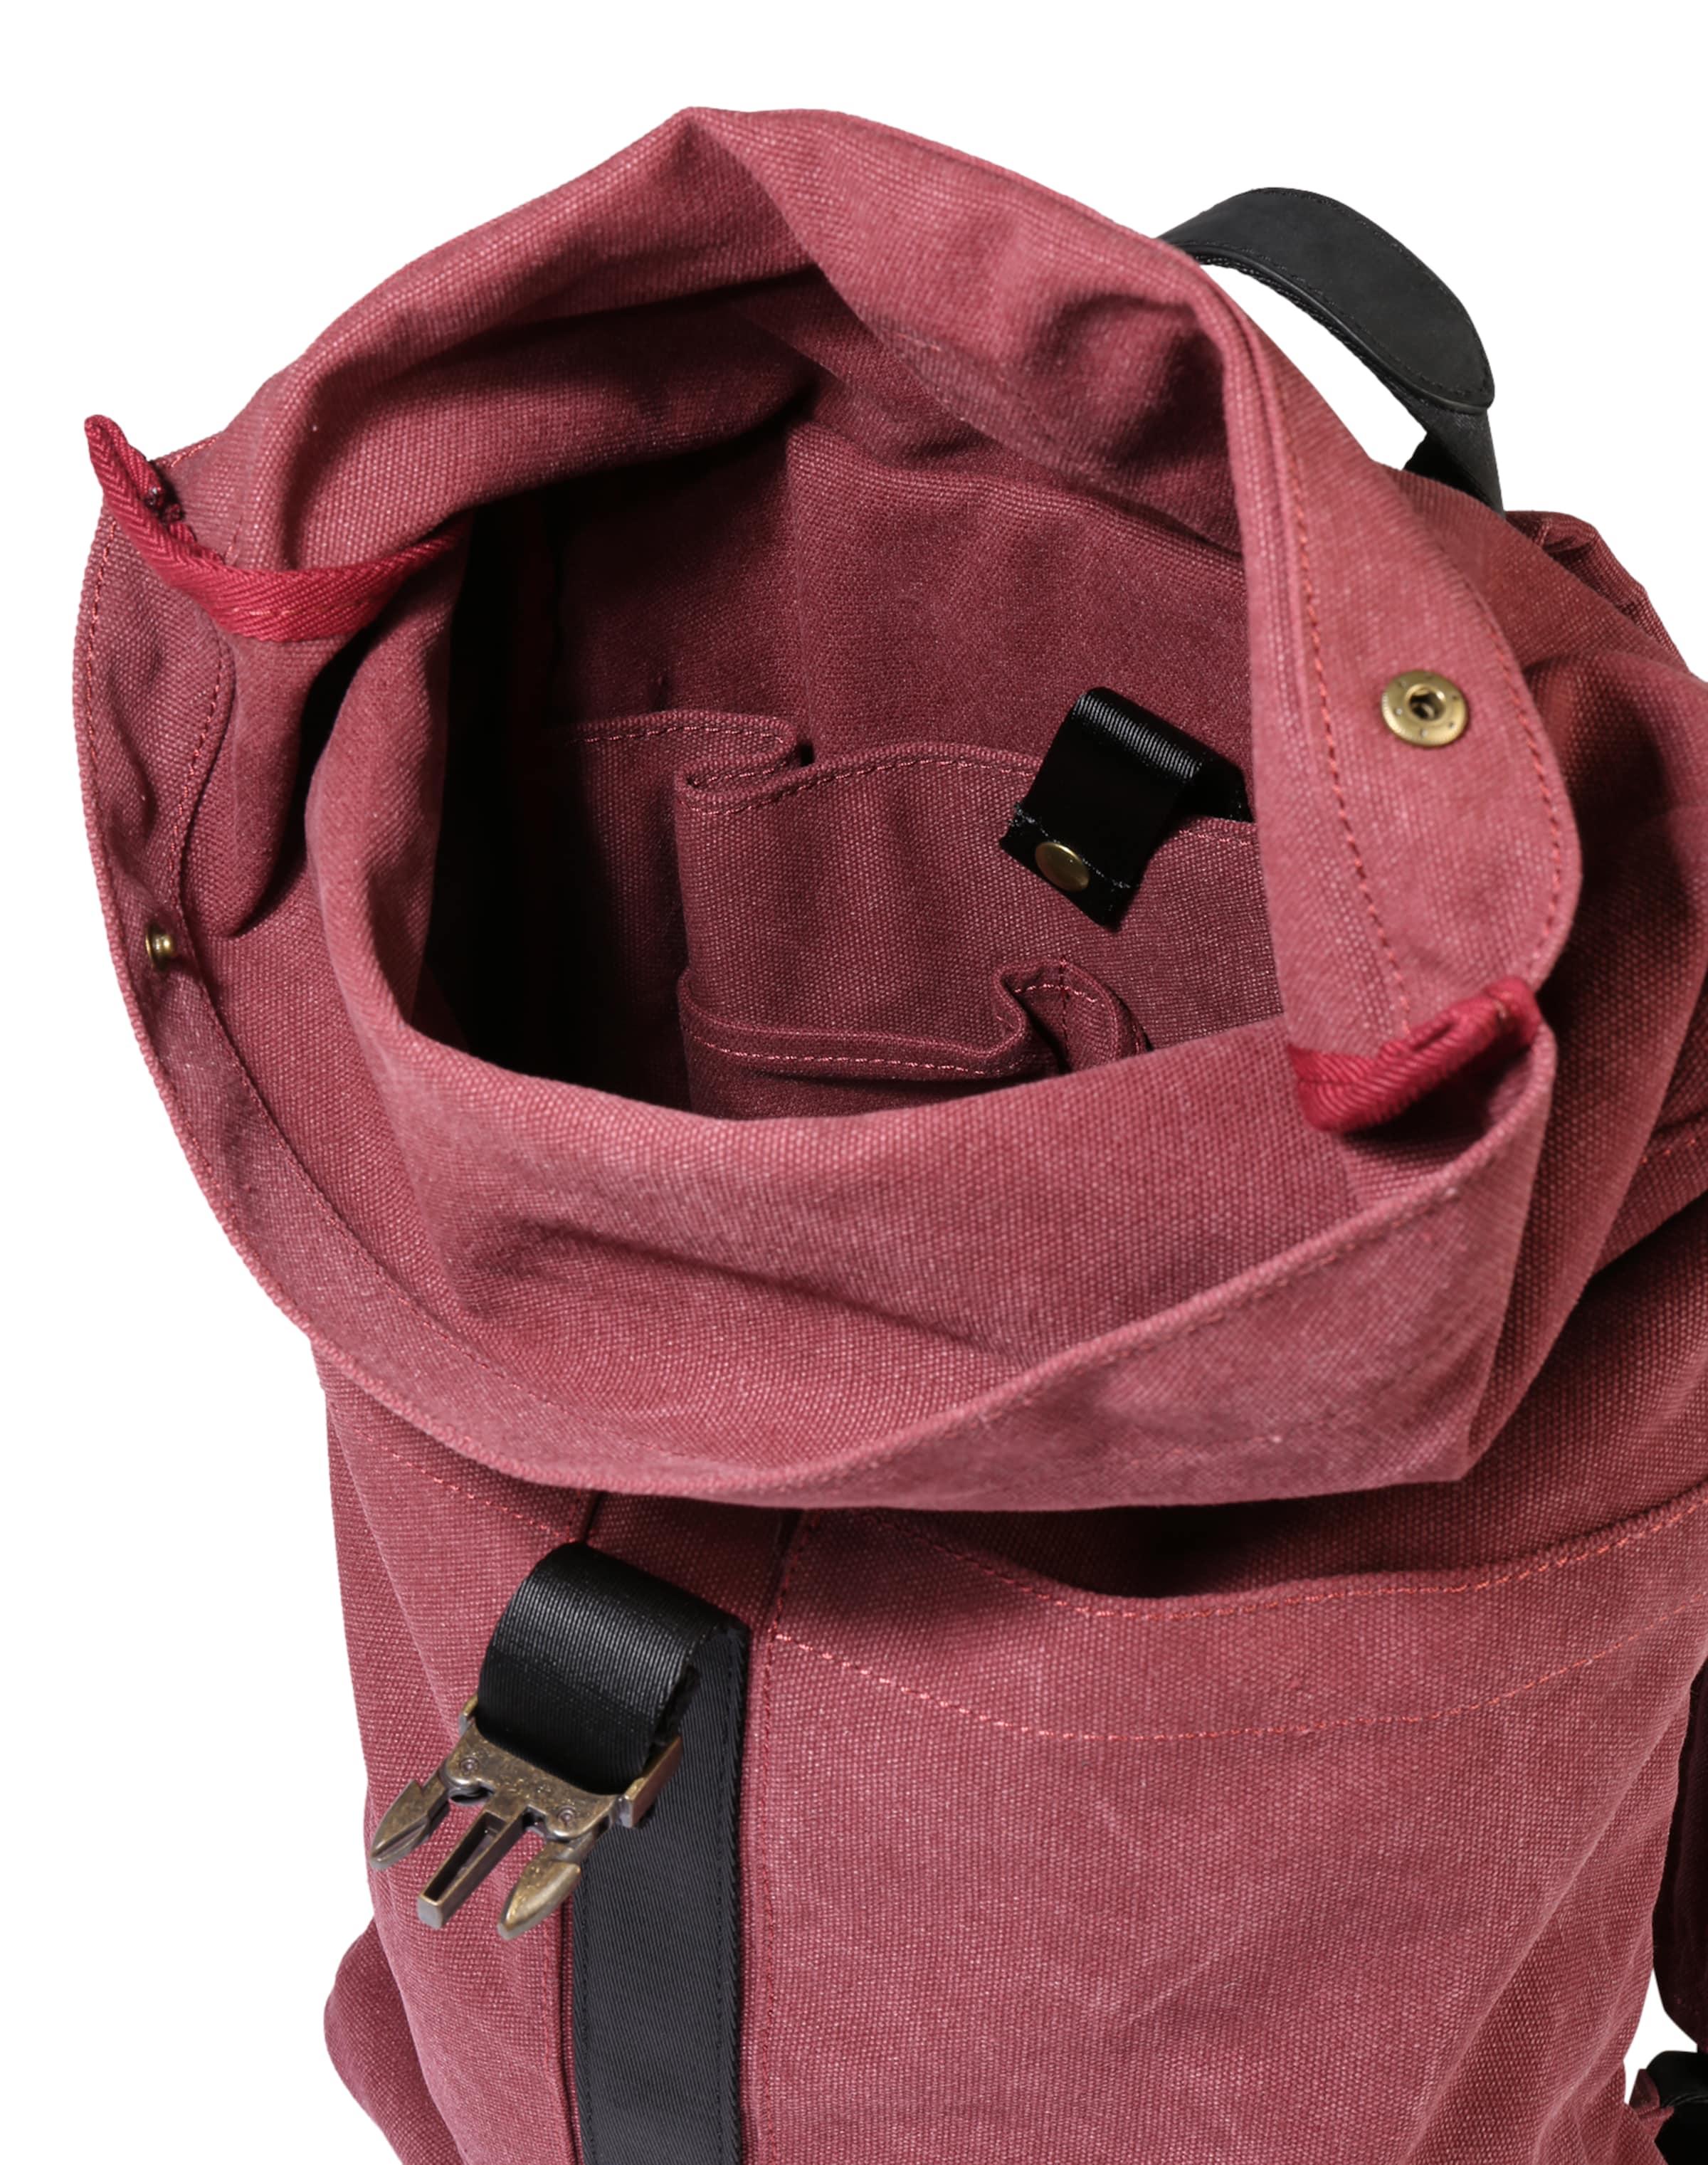 Souve Bag Company Rucksack 'Portland' Freiheit 100% Garantiert tm8YDfir3A